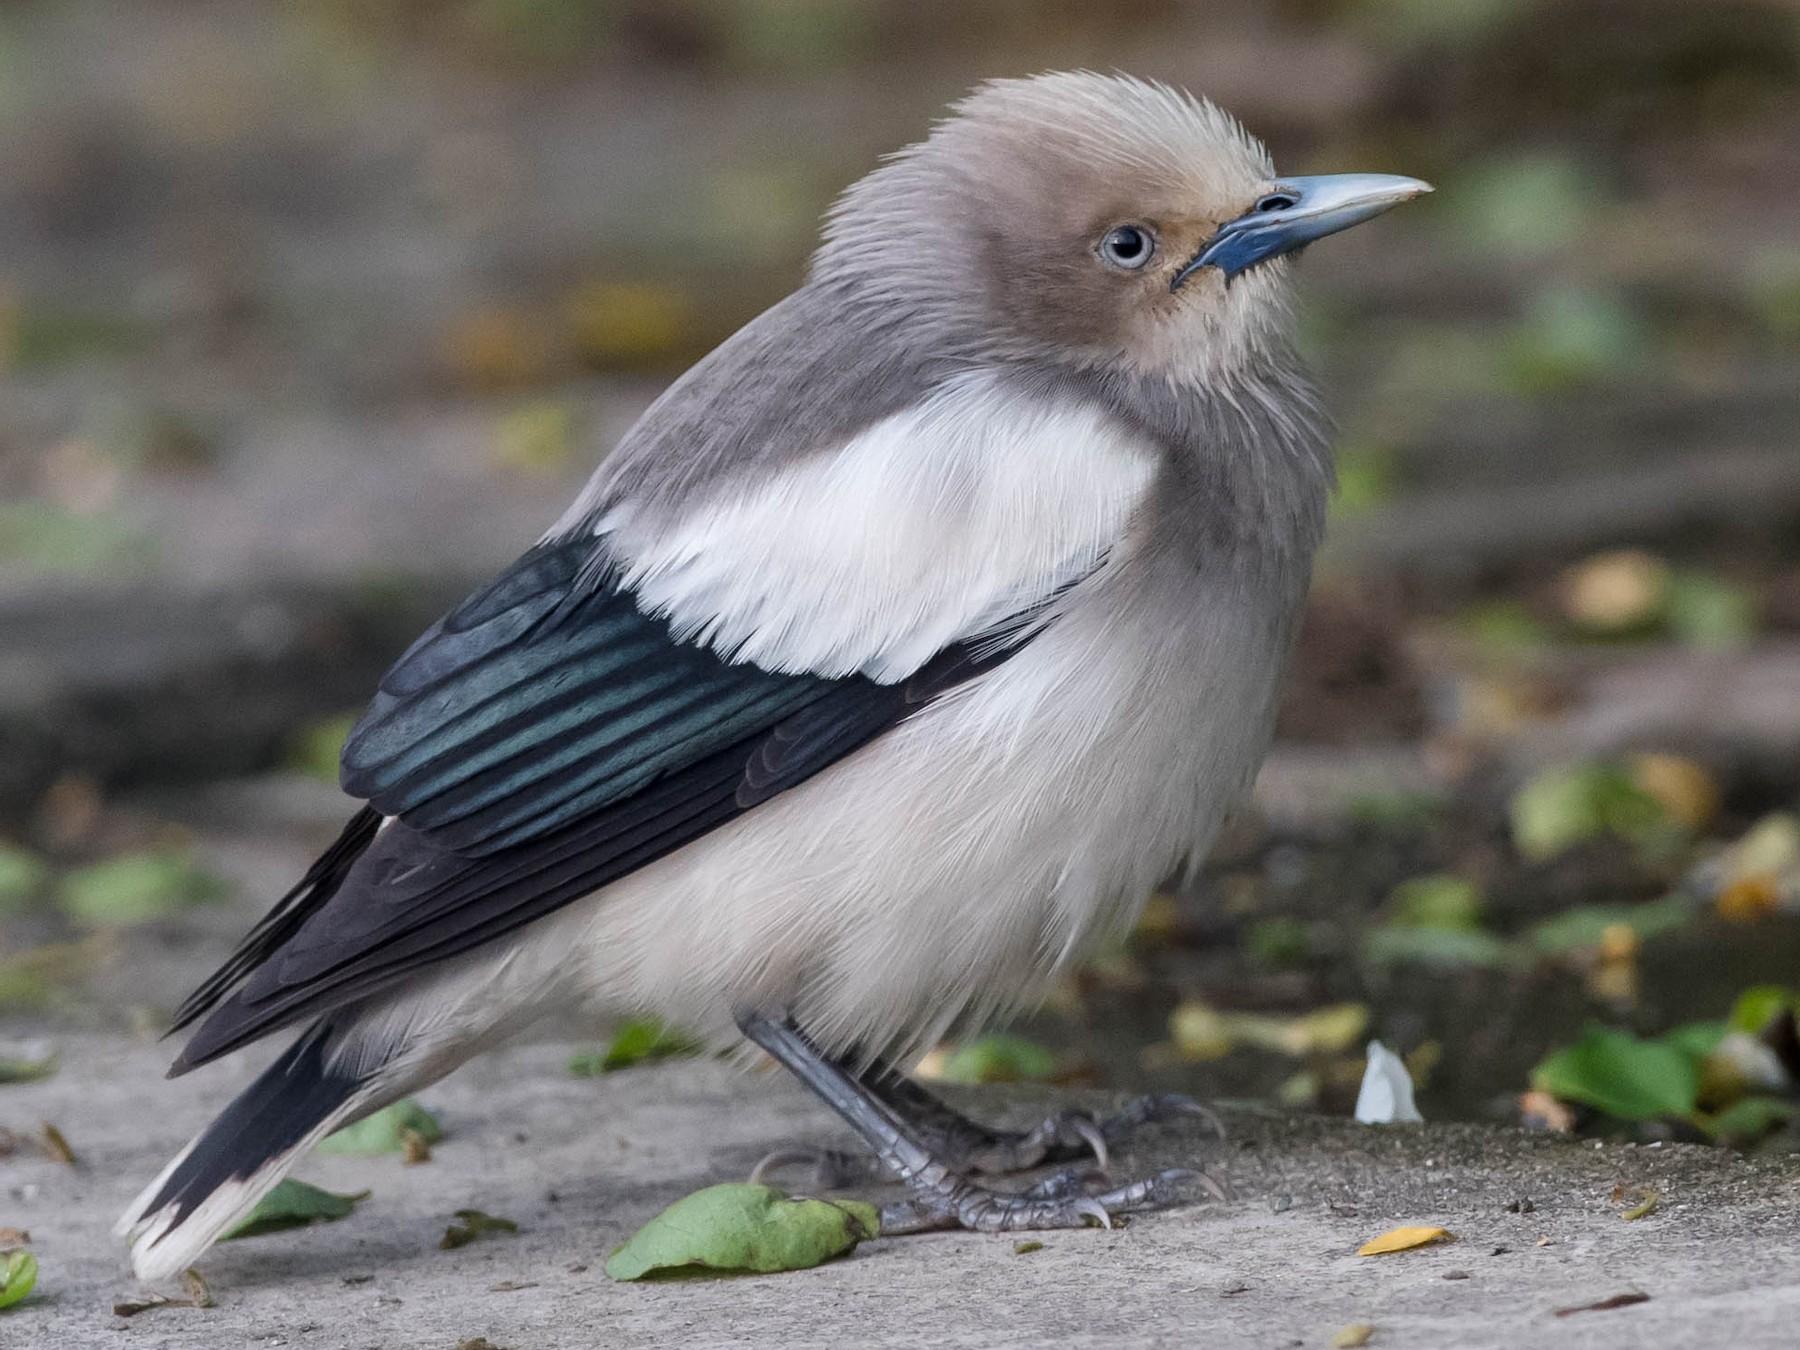 White-shouldered Starling - Kai Pflug